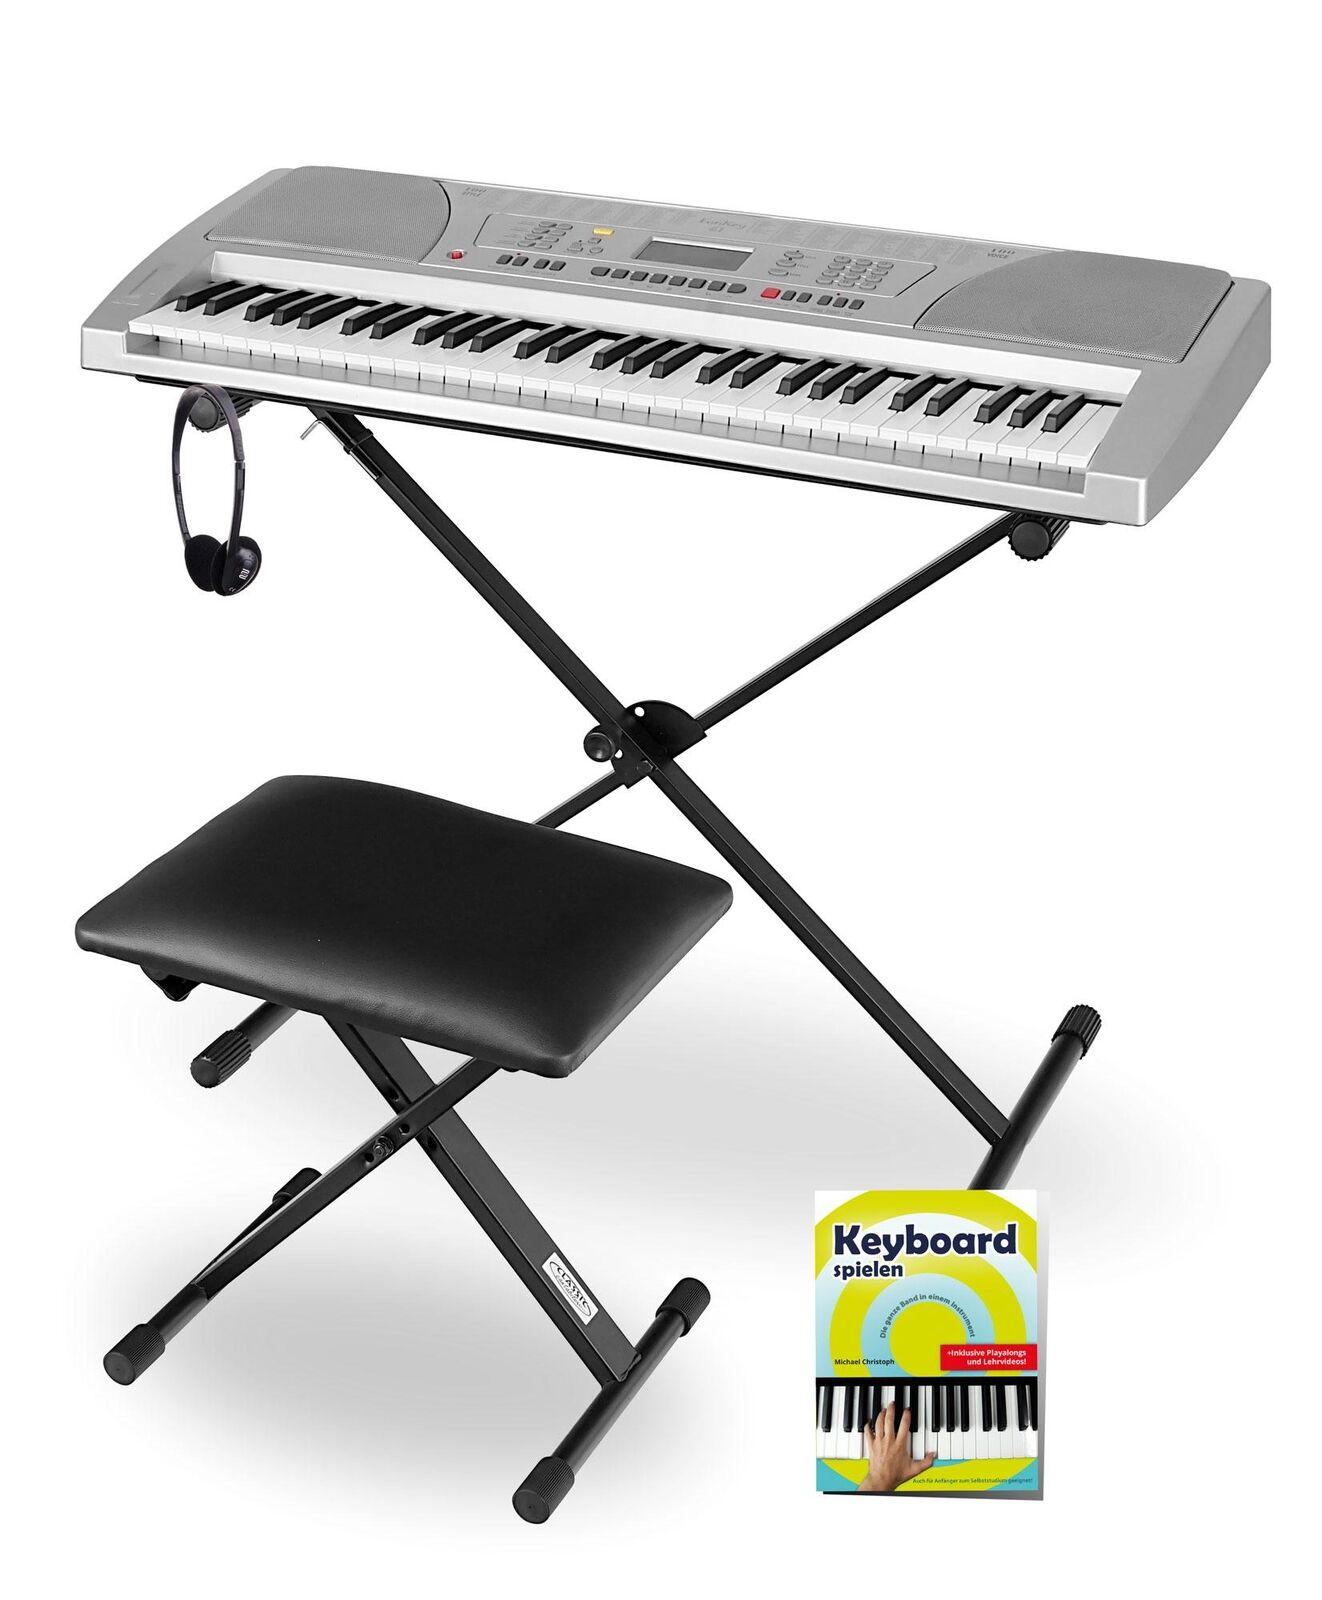 Silbernes Keyboard-Paket für Anfänger mit Ständer, Bank, Kopfhörer und Schule